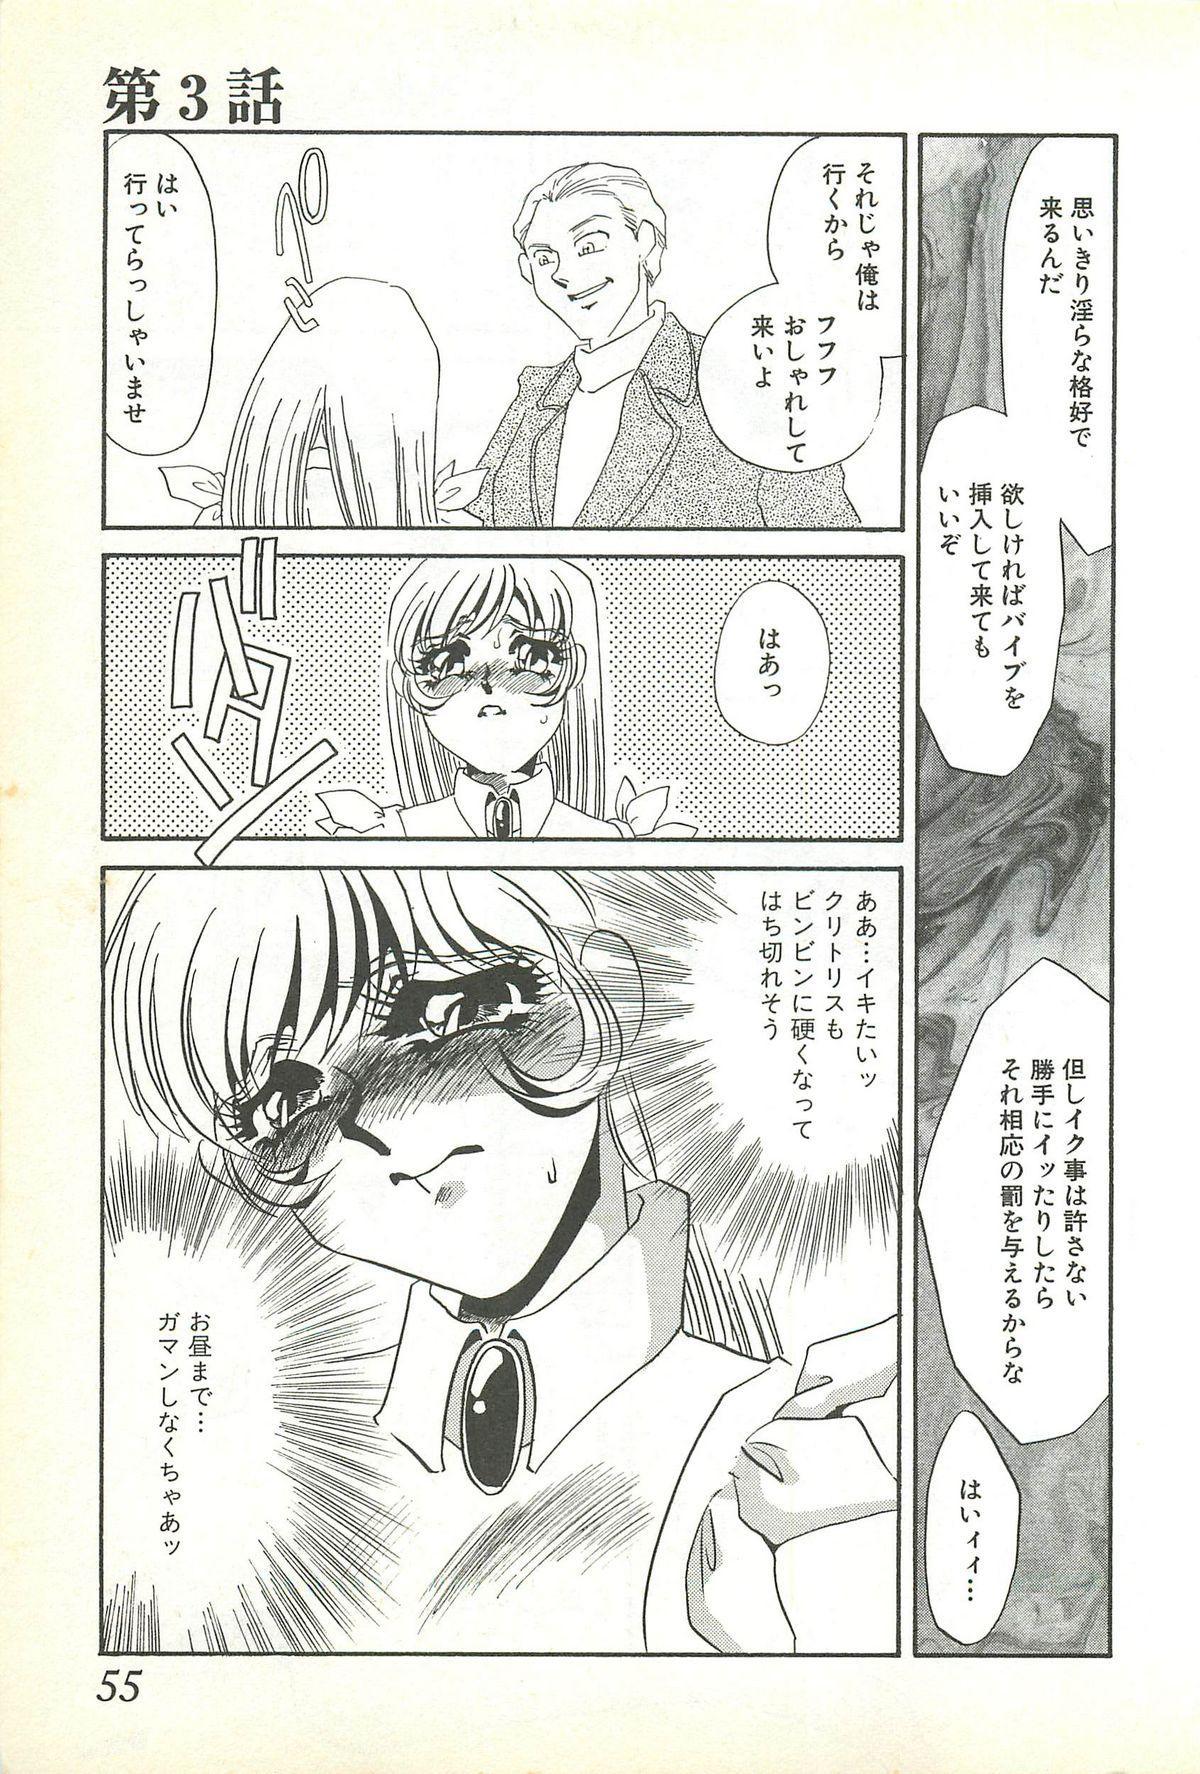 Chigyaku no Heya - A Shameful Punishment Room 51